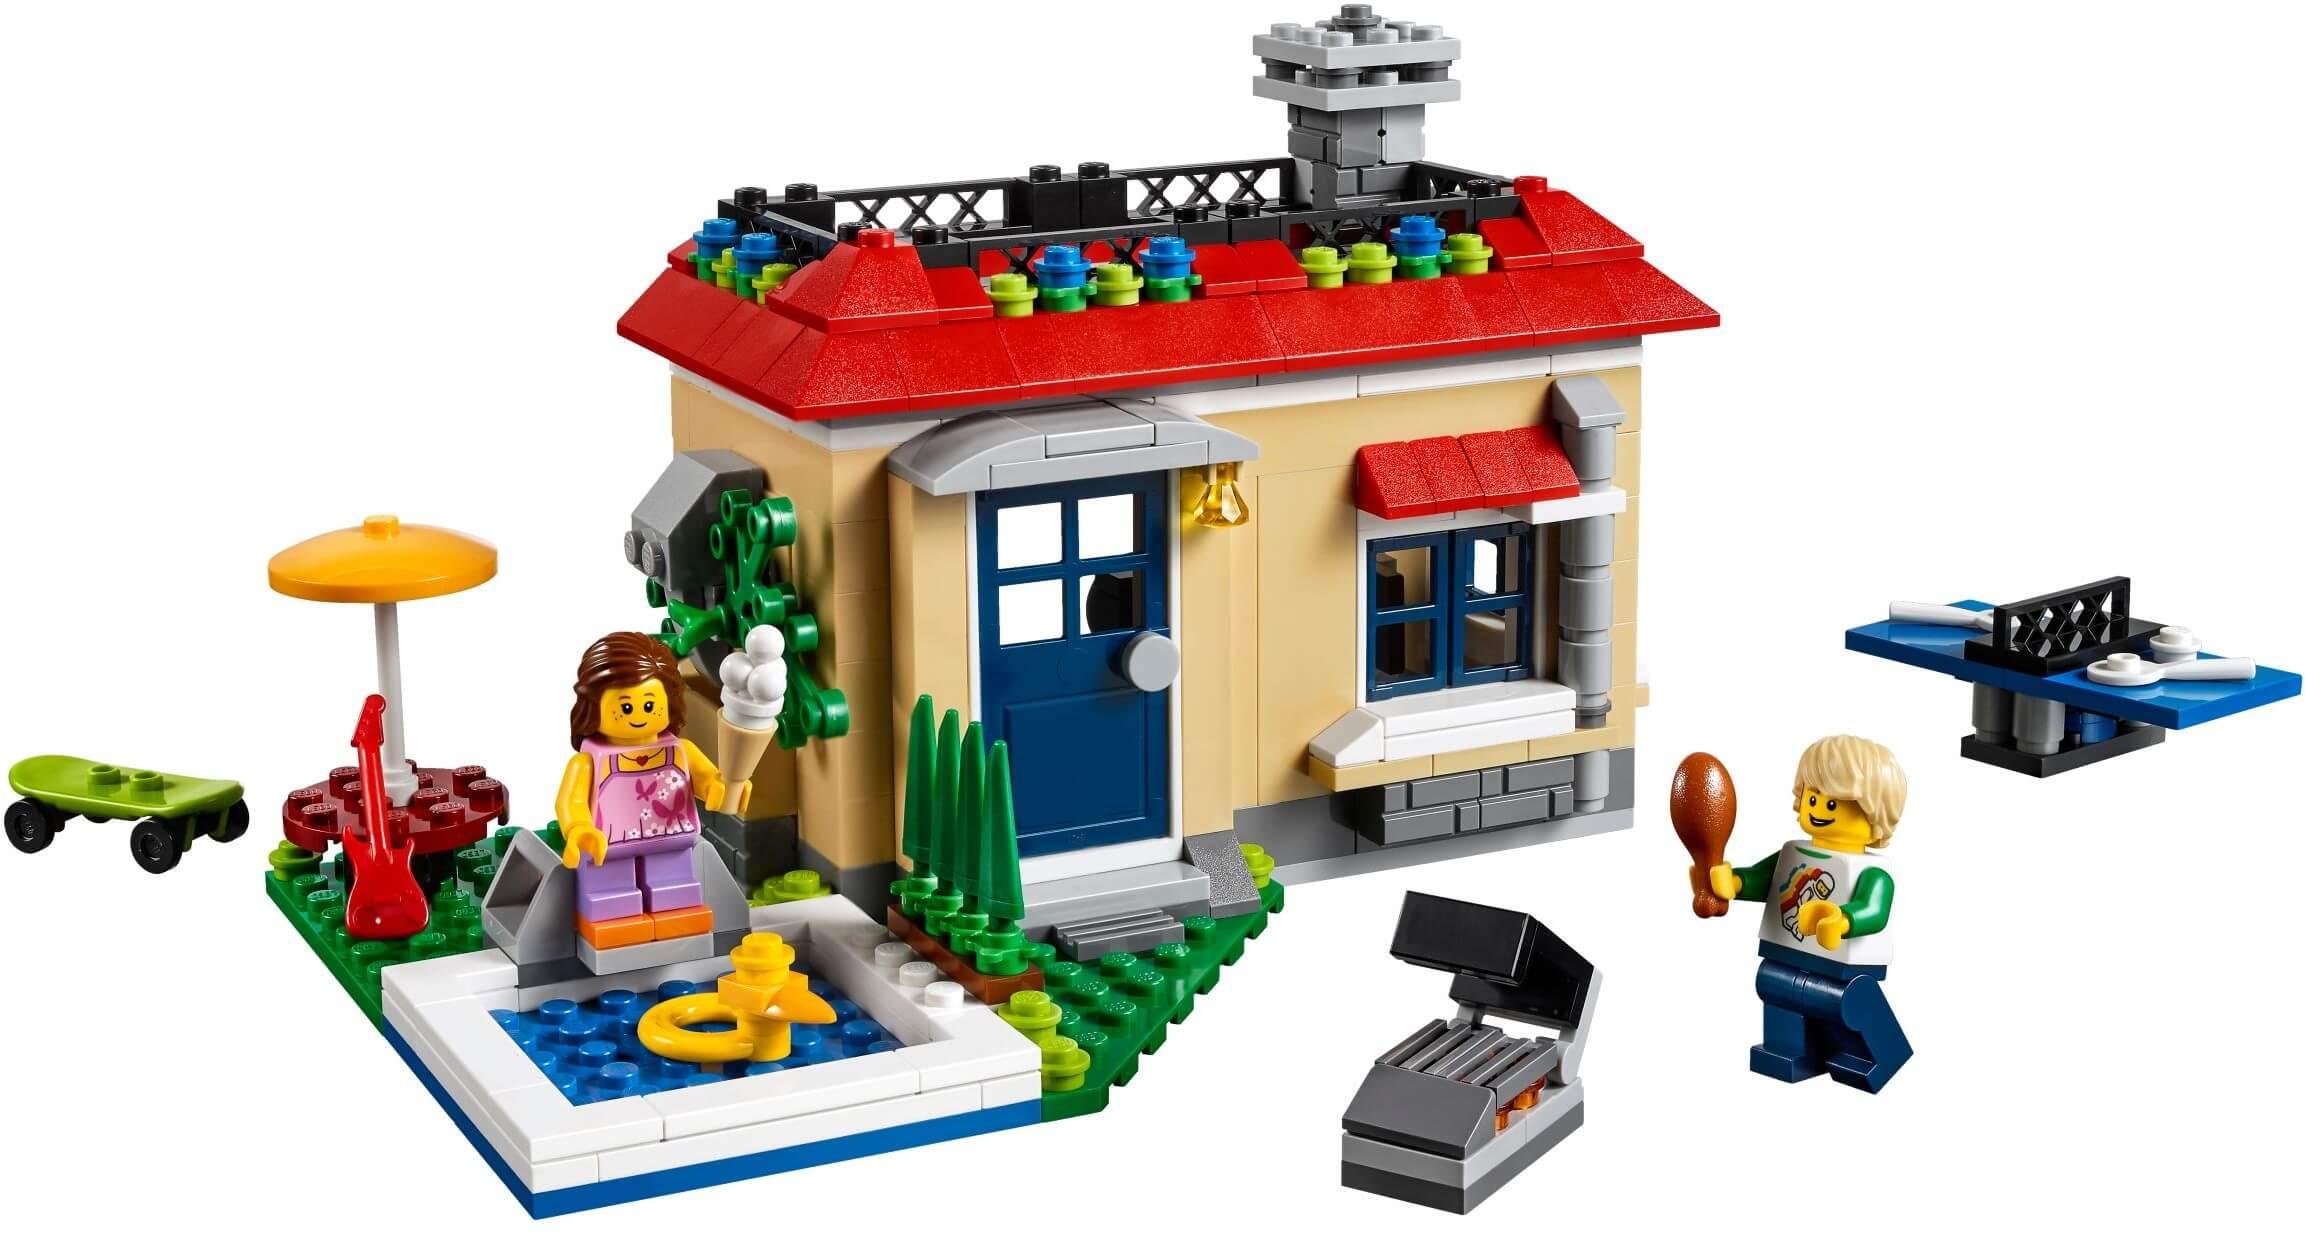 Mua đồ chơi LEGO 31067 - LEGO Creator 31067 - Bộ Xếp Hình Ngôi Nhà Trò Chơi 3-trong-1 (LEGO Creator Modular Poolside Holiday)